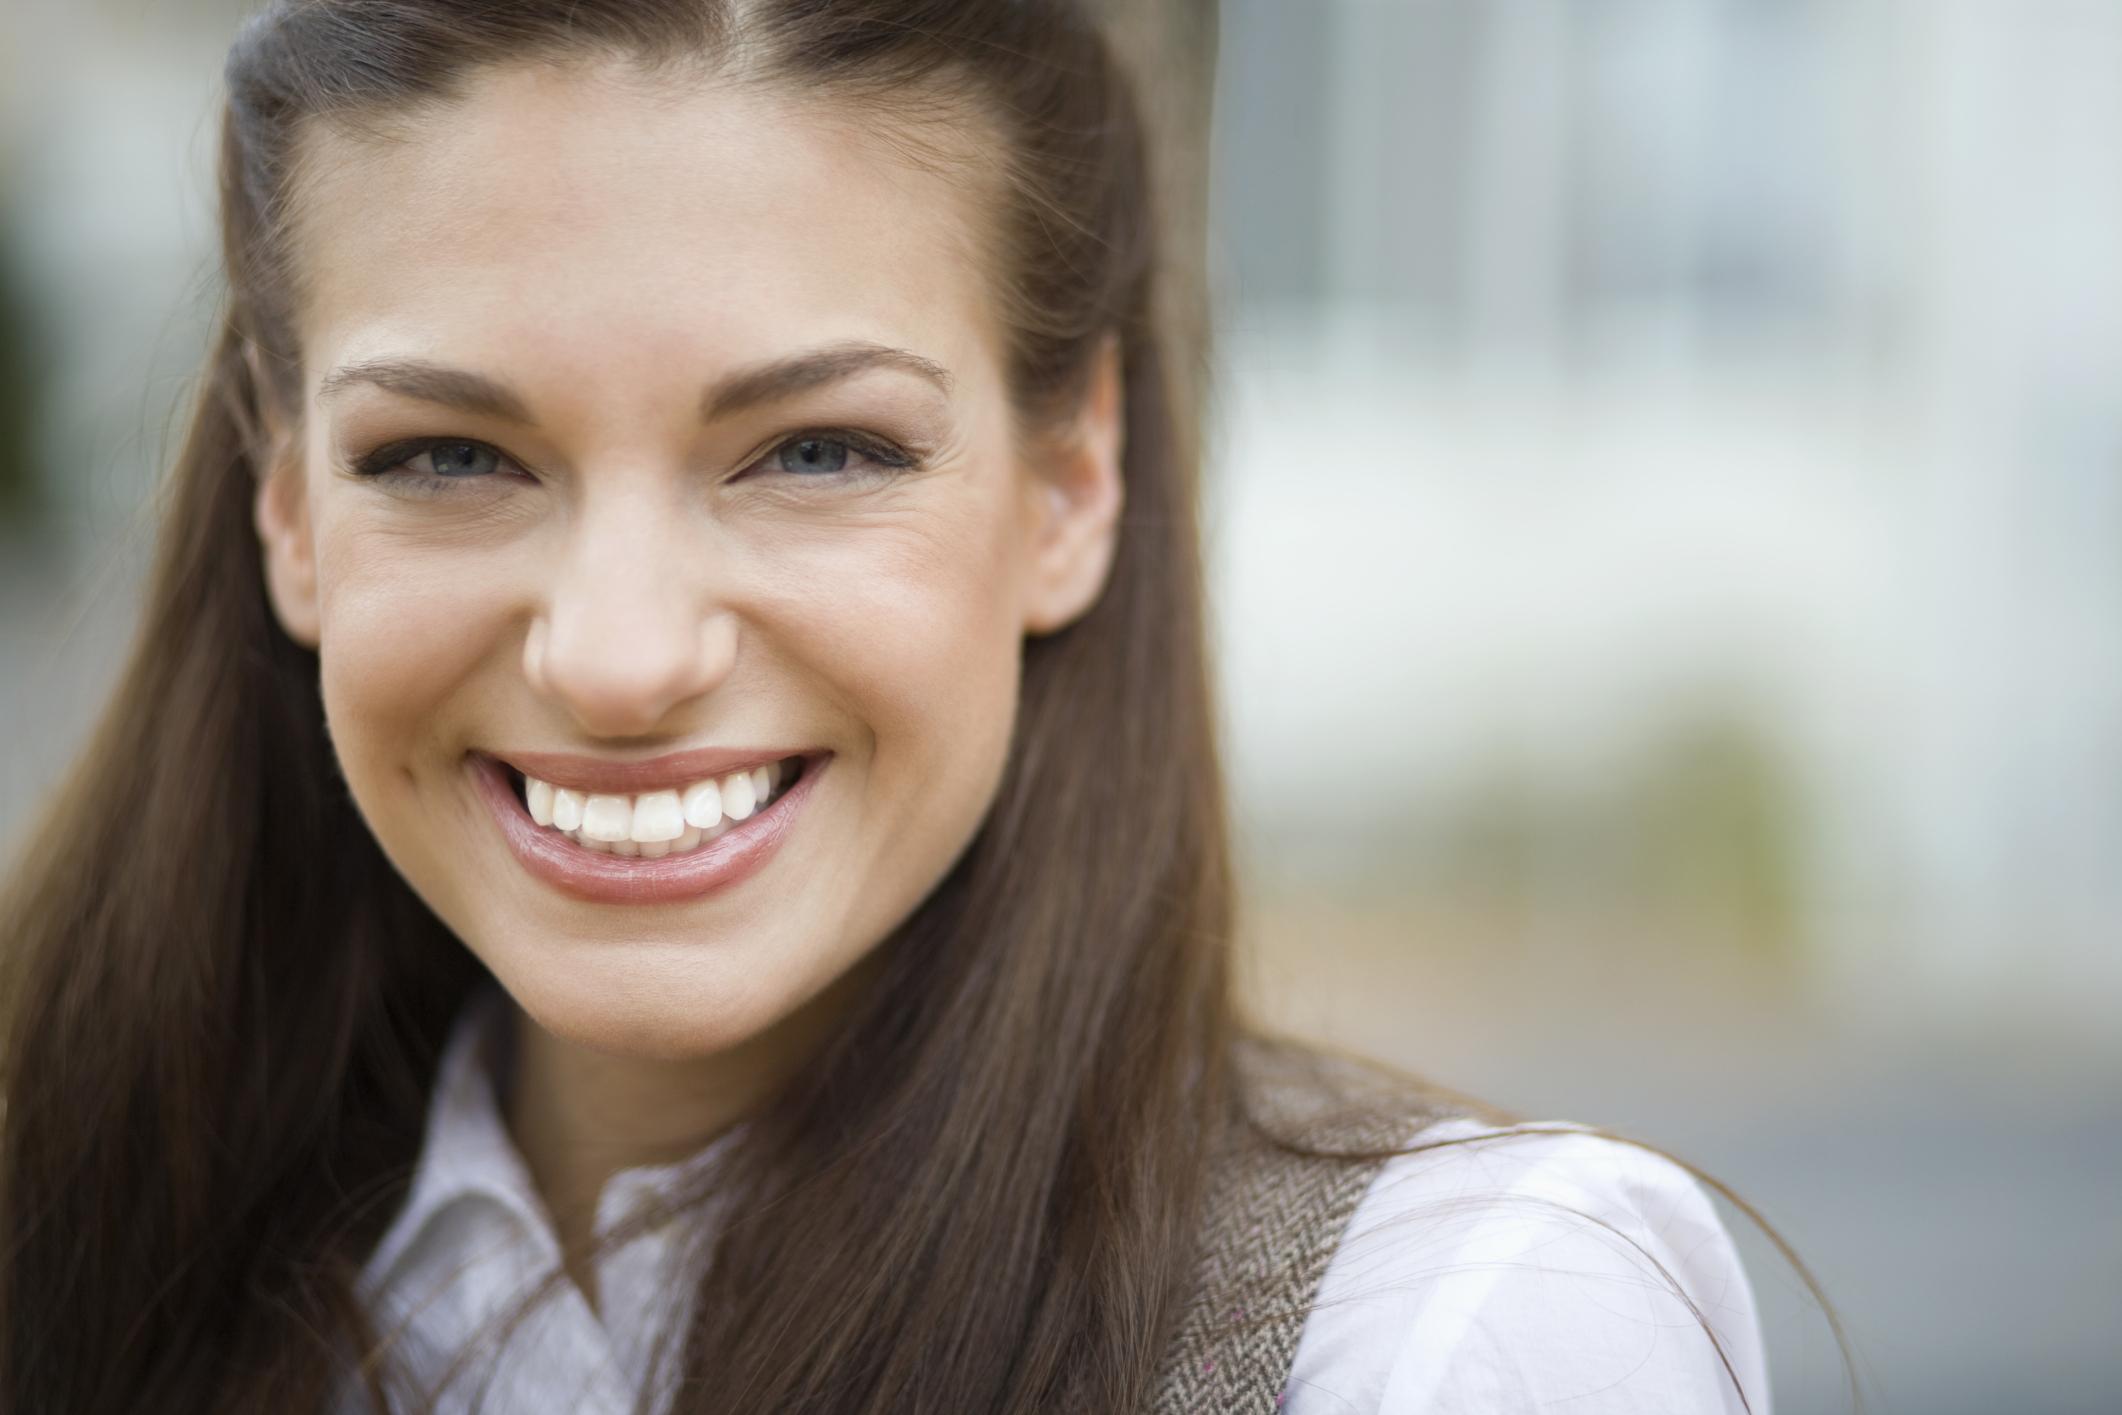 Усмивката е универсална<br /> По света прегръдките, ръкостискането и поклонът могат да означават различни неща. Усмивката обаче навсякъде издава едно и също нещо - щастие и доброжелателство.